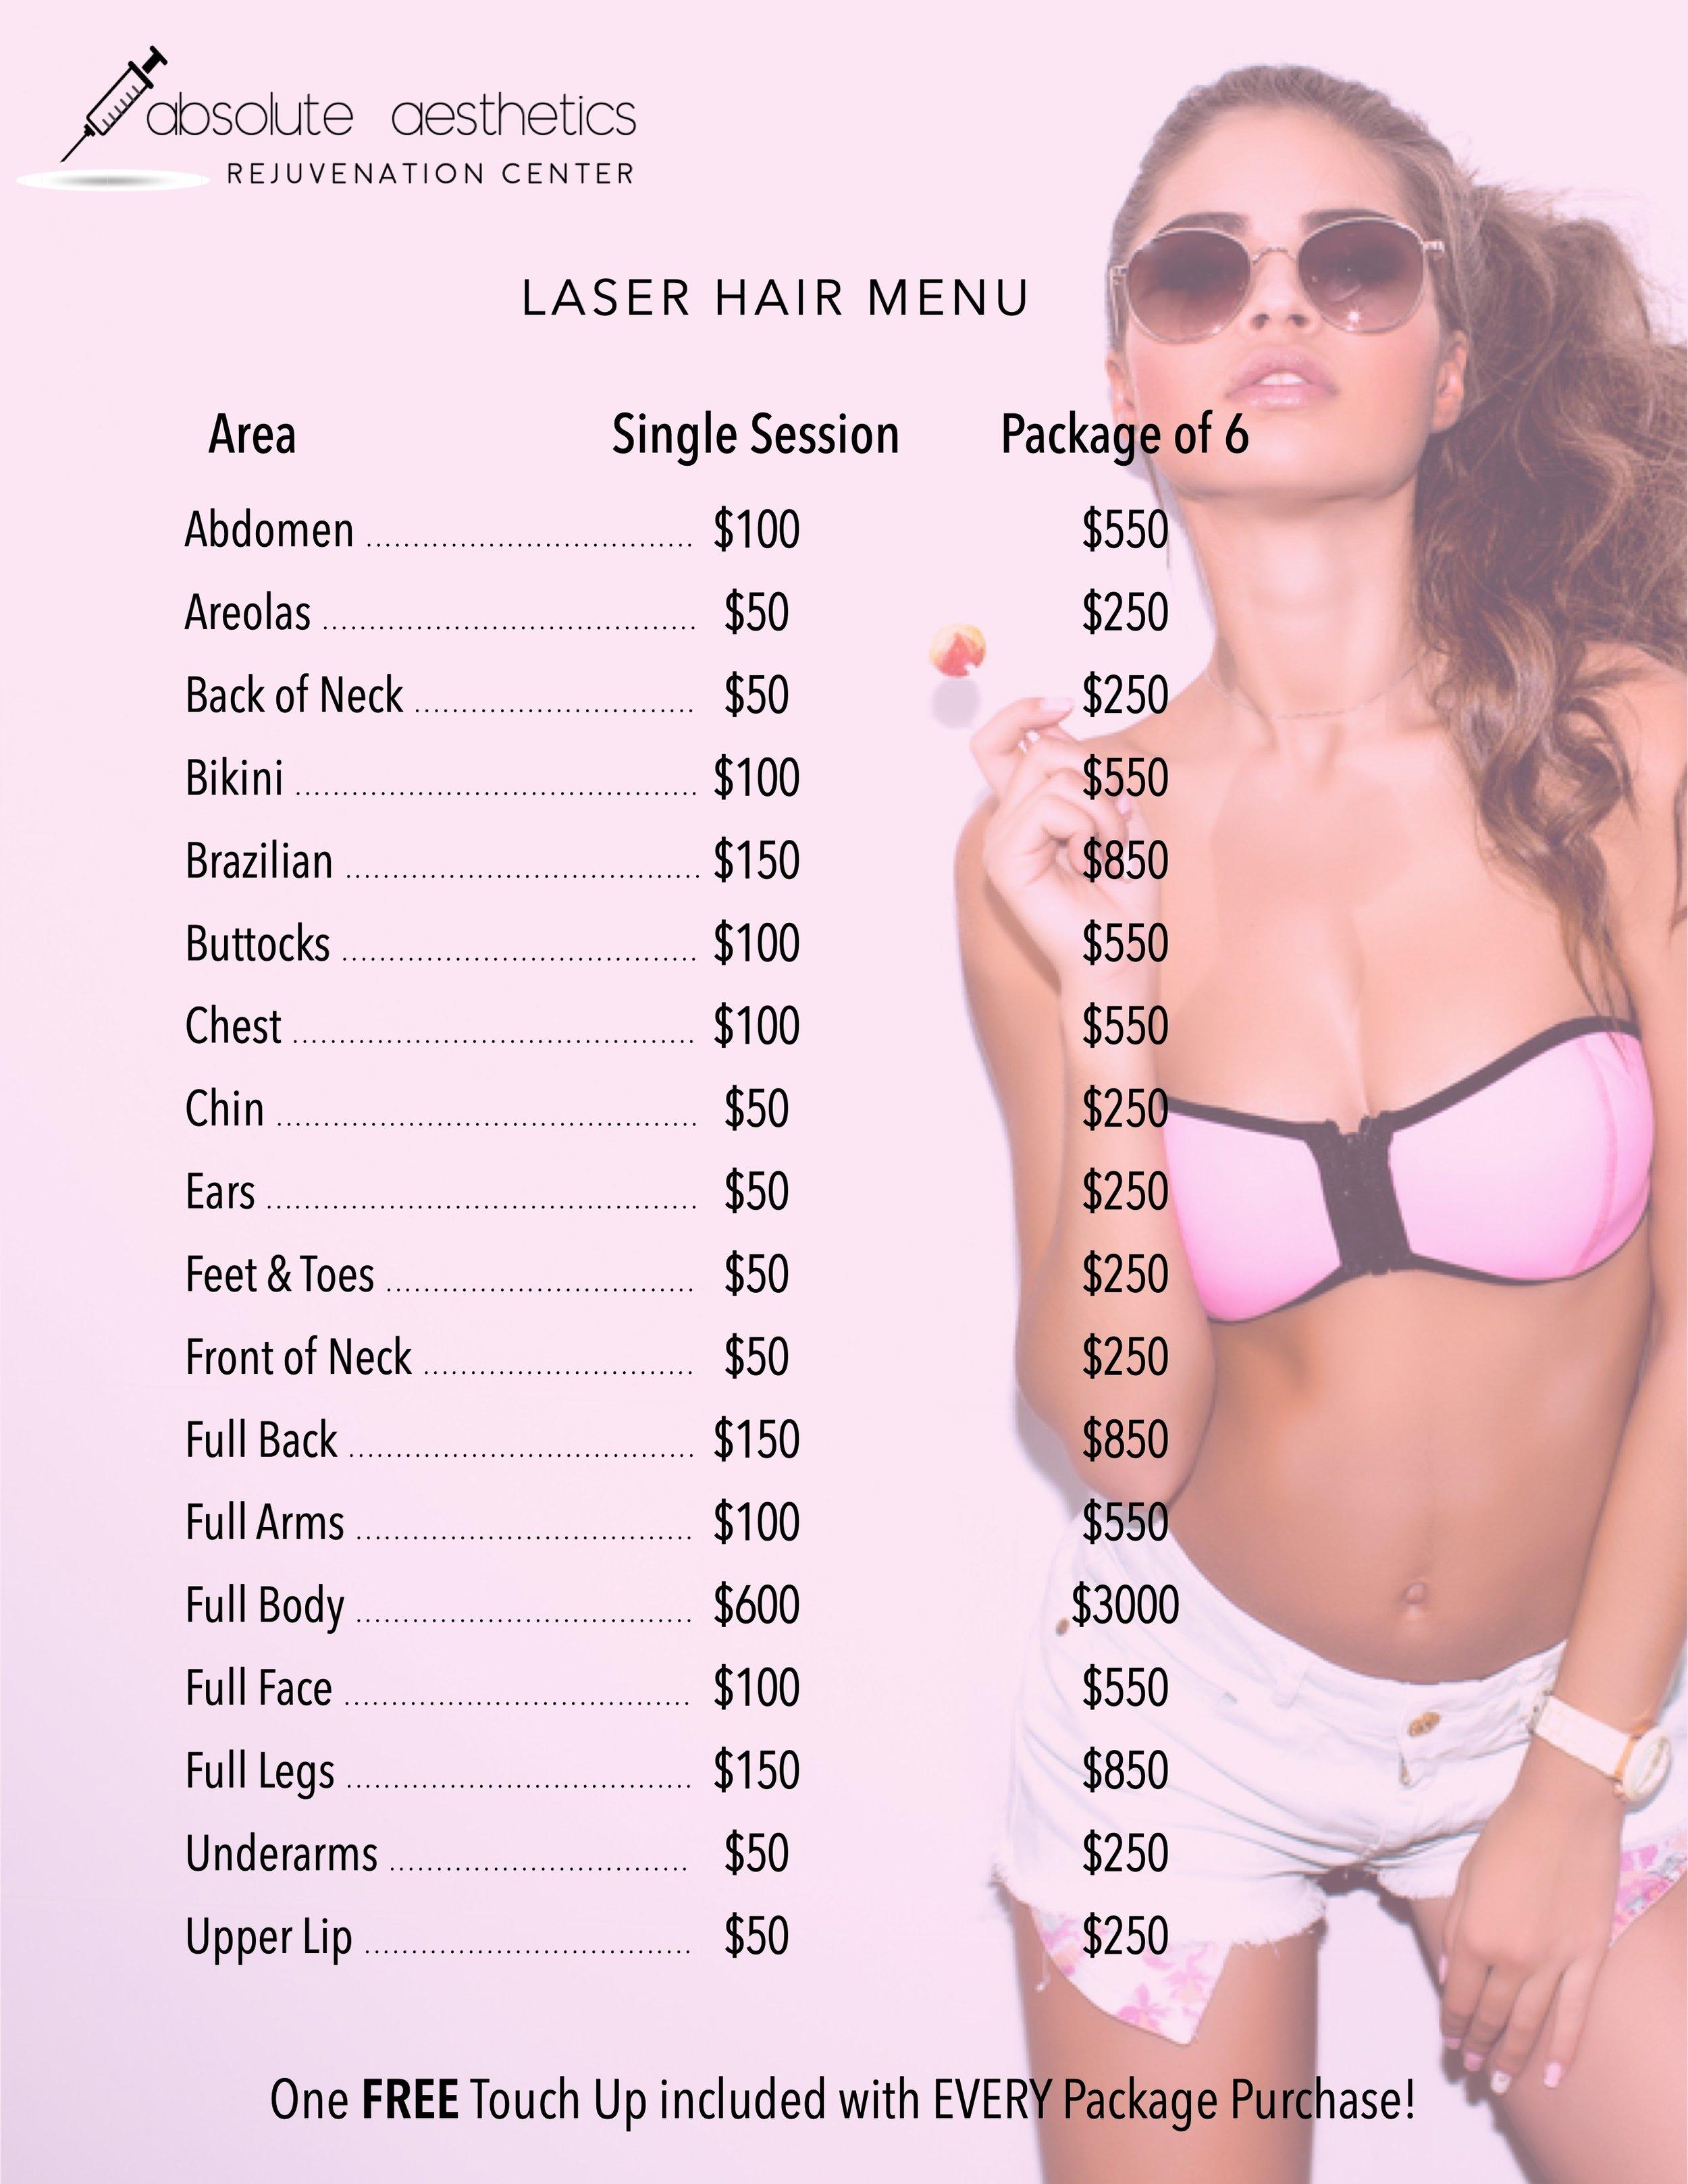 Laser Hair Menu Final.jpg